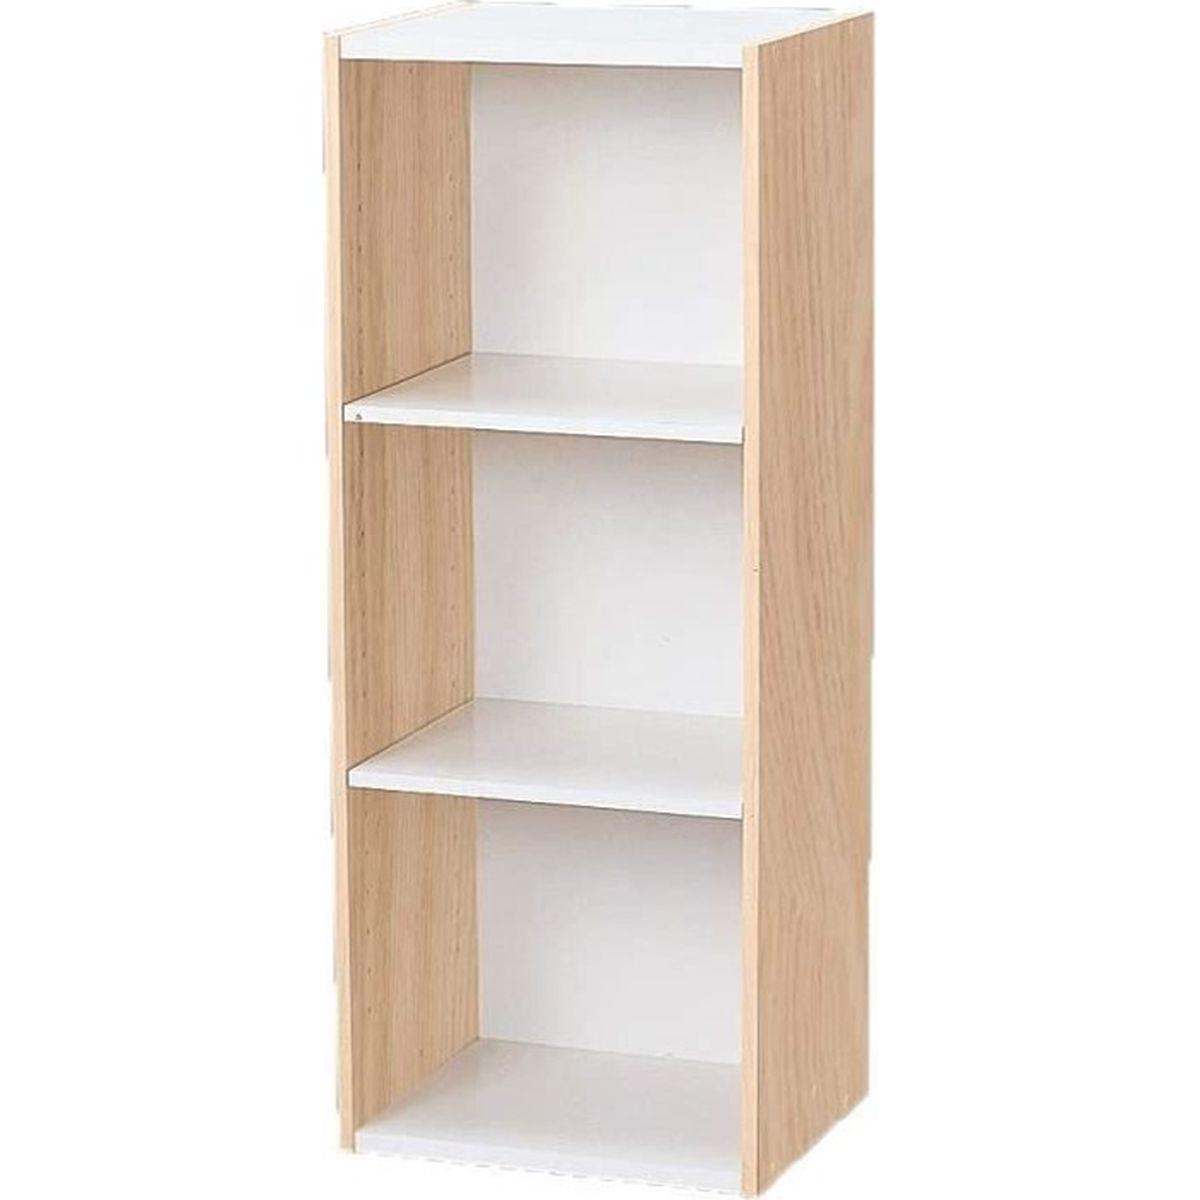 Yosoo Biblioth/èque de rangement en bois Jardin 6 Gilles, Blanche /étag/ères de rangement de livres pour Salon